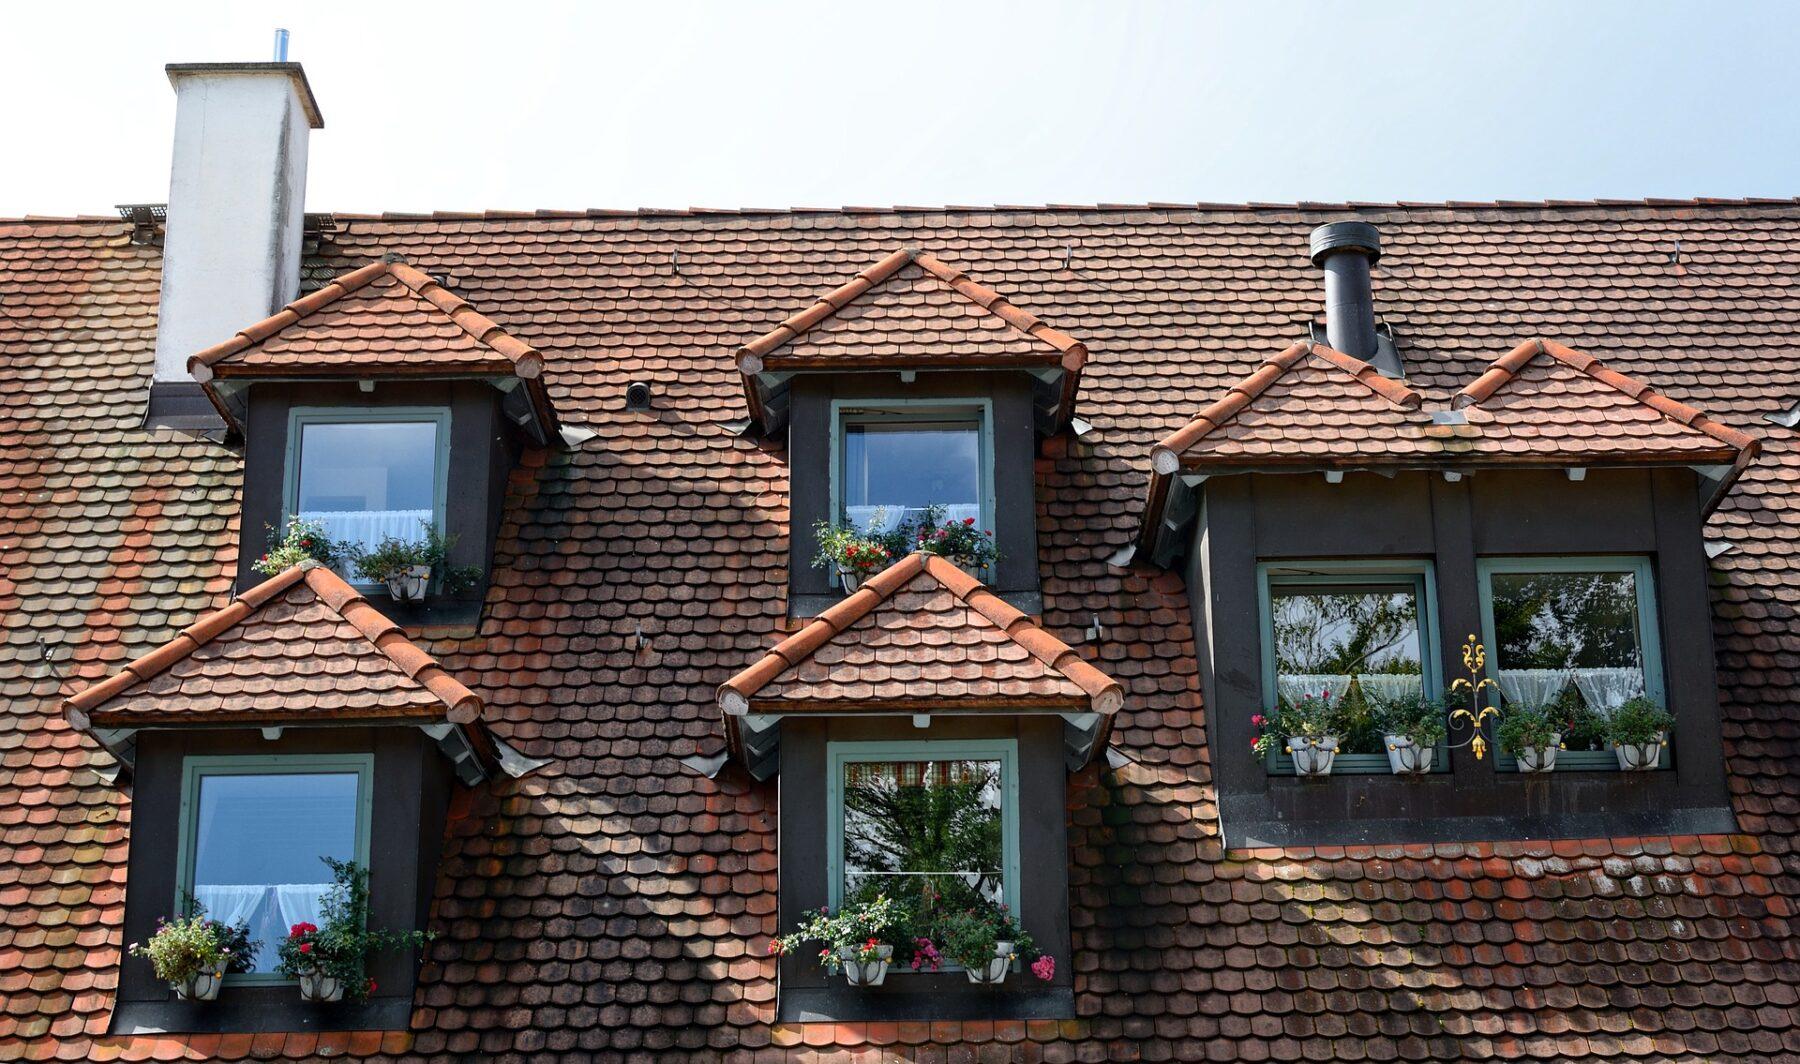 Gauben sorgen für eine optische Aufwertung von Immobilien. Foto: Pixabay